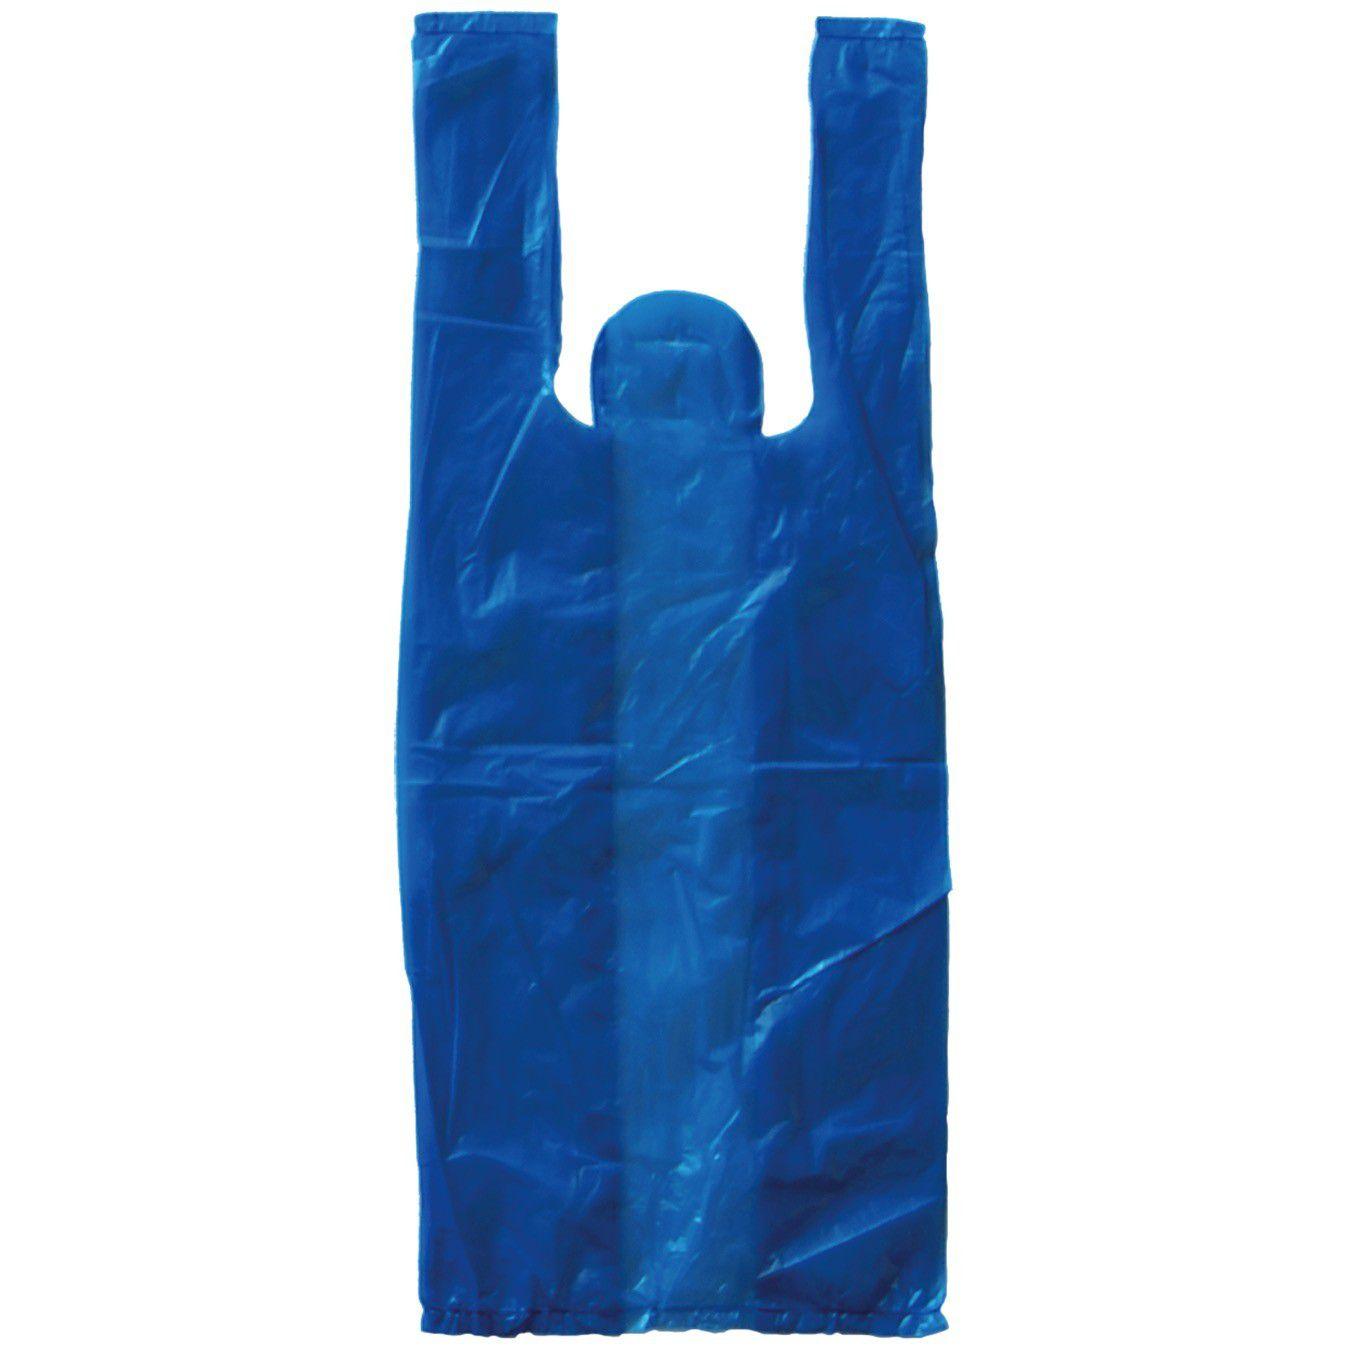 Sacola Supermercado Azul 30X40Cm C/500